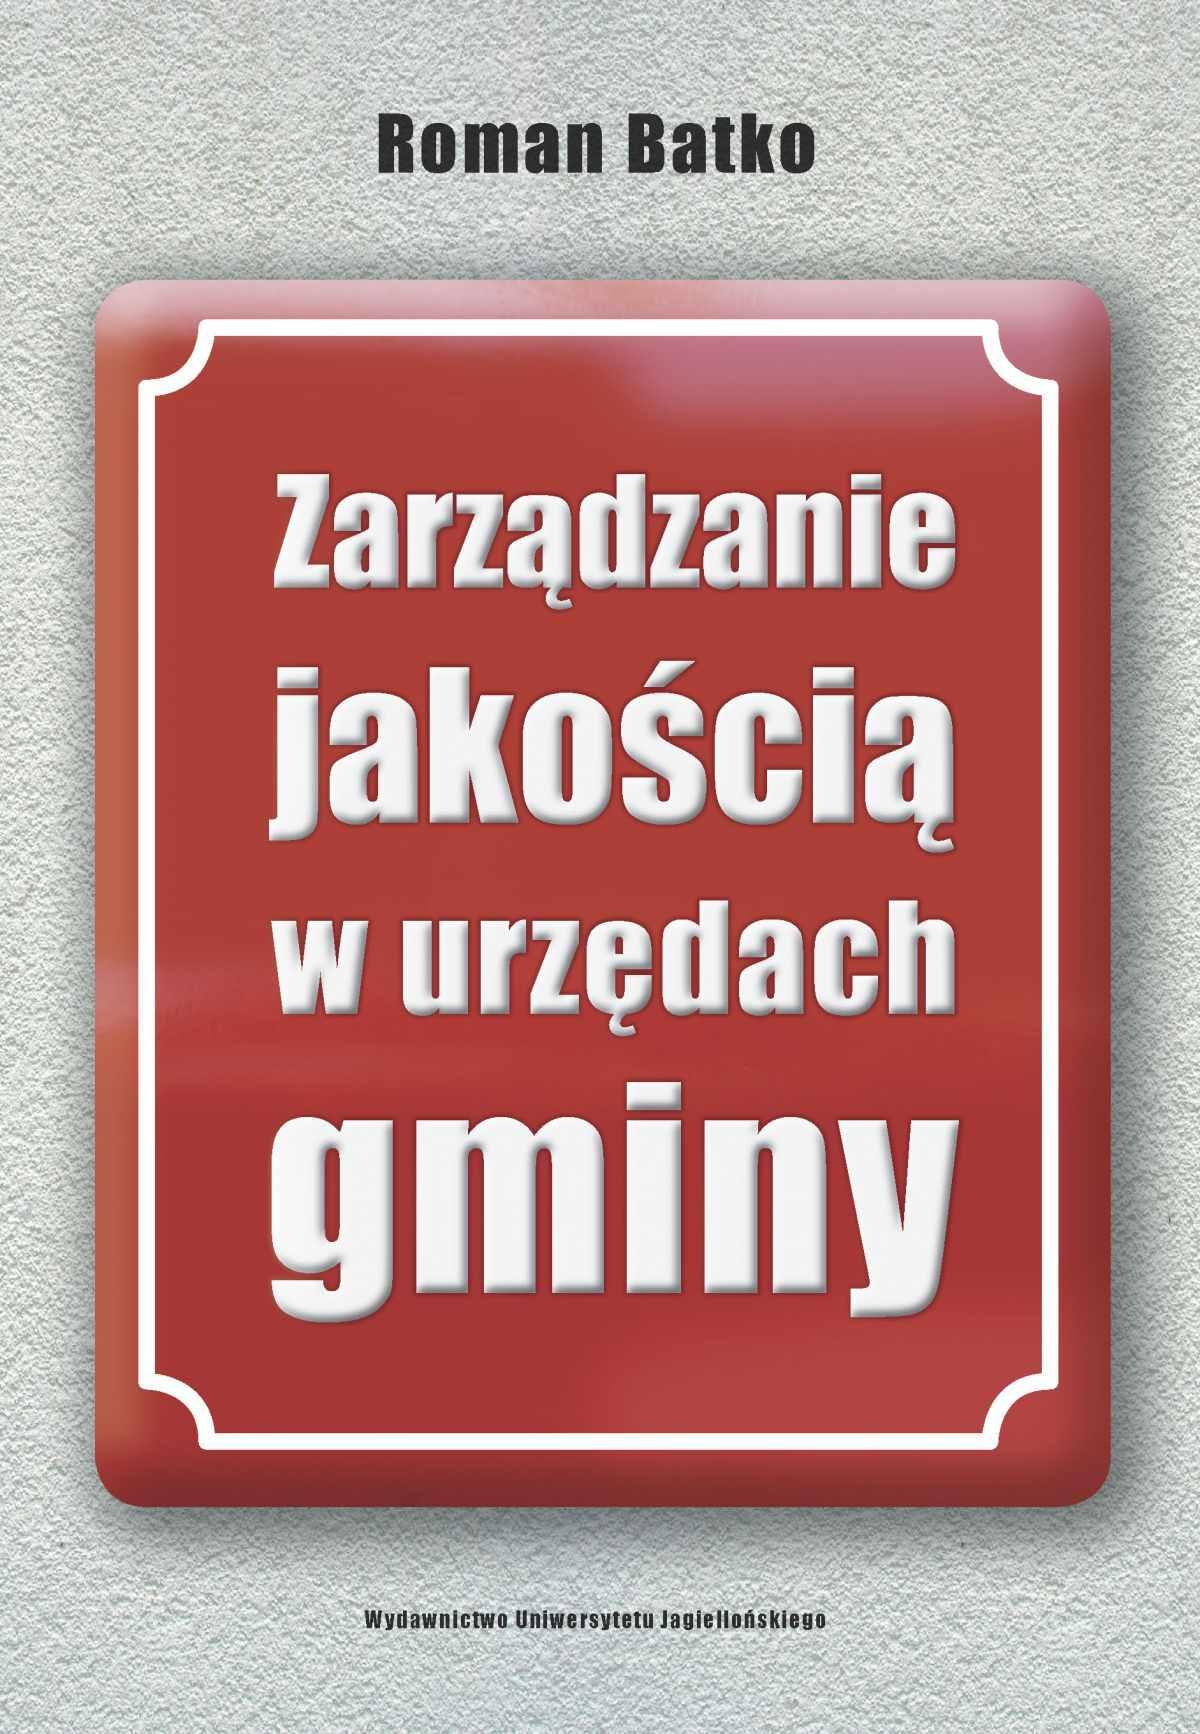 Zarządzanie jakością w urzędach gminy - Ebook (Książka PDF) do pobrania w formacie PDF